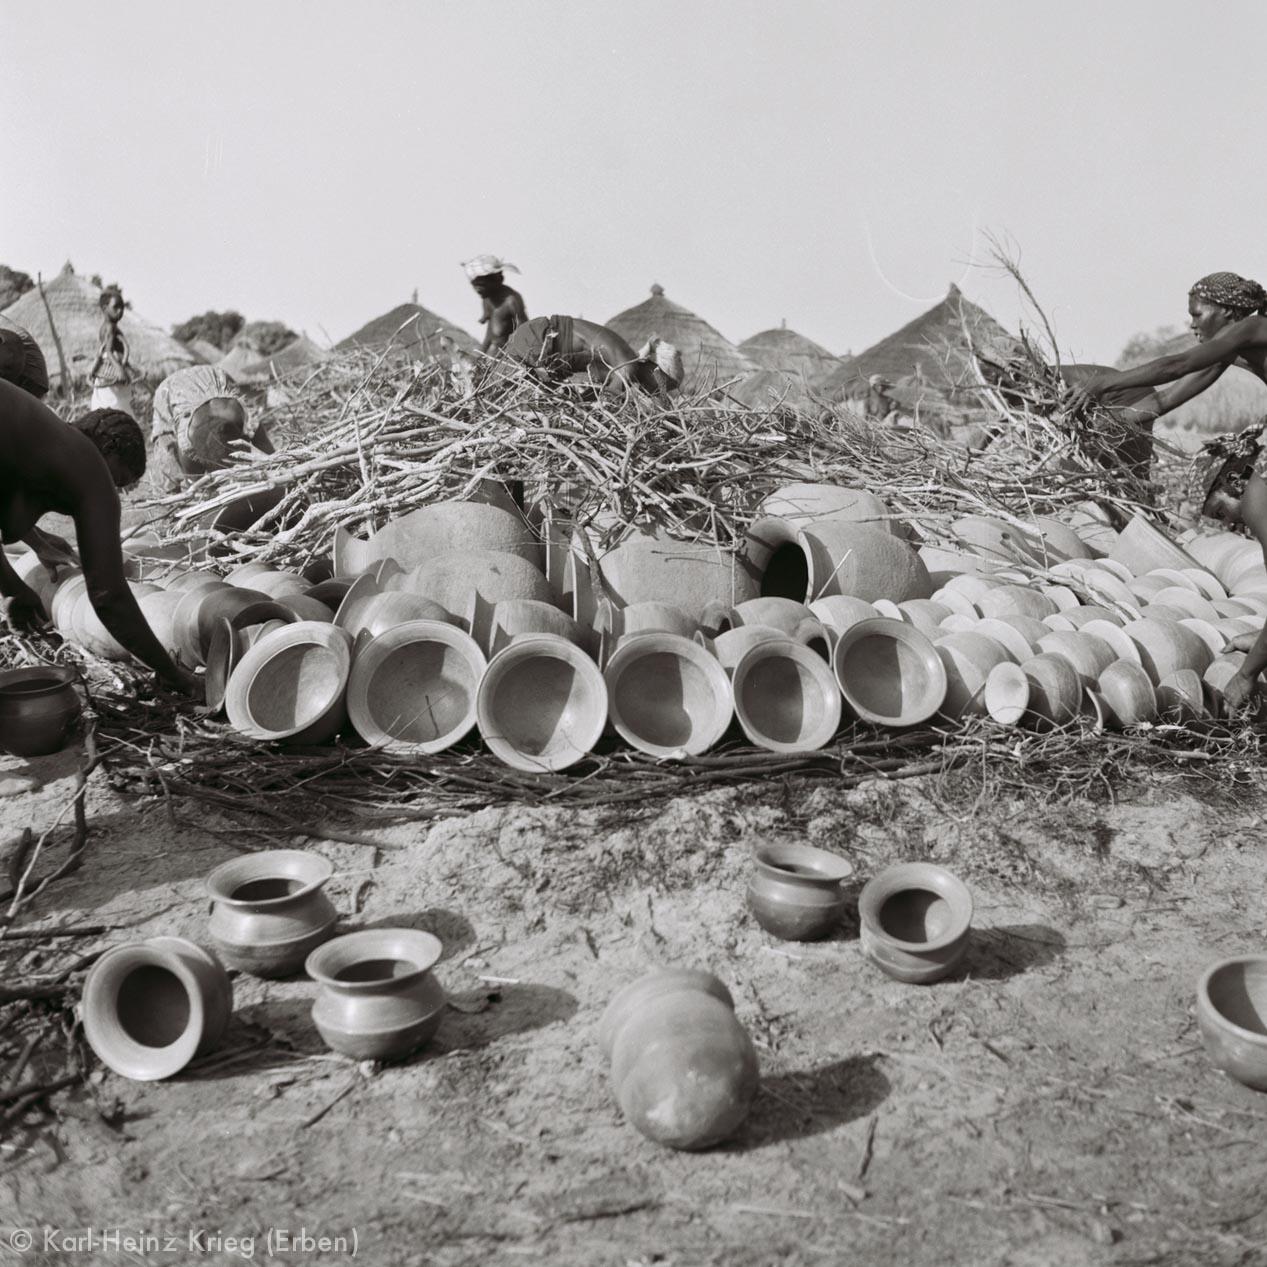 Töpfe werden zum Brennen aufgeschichtet und mit Kleinholz abgedeckt. Foto: Karl-Heinz Krieg, Zekaha (Region von Boundiali, Côte d'Ivoire), 1977